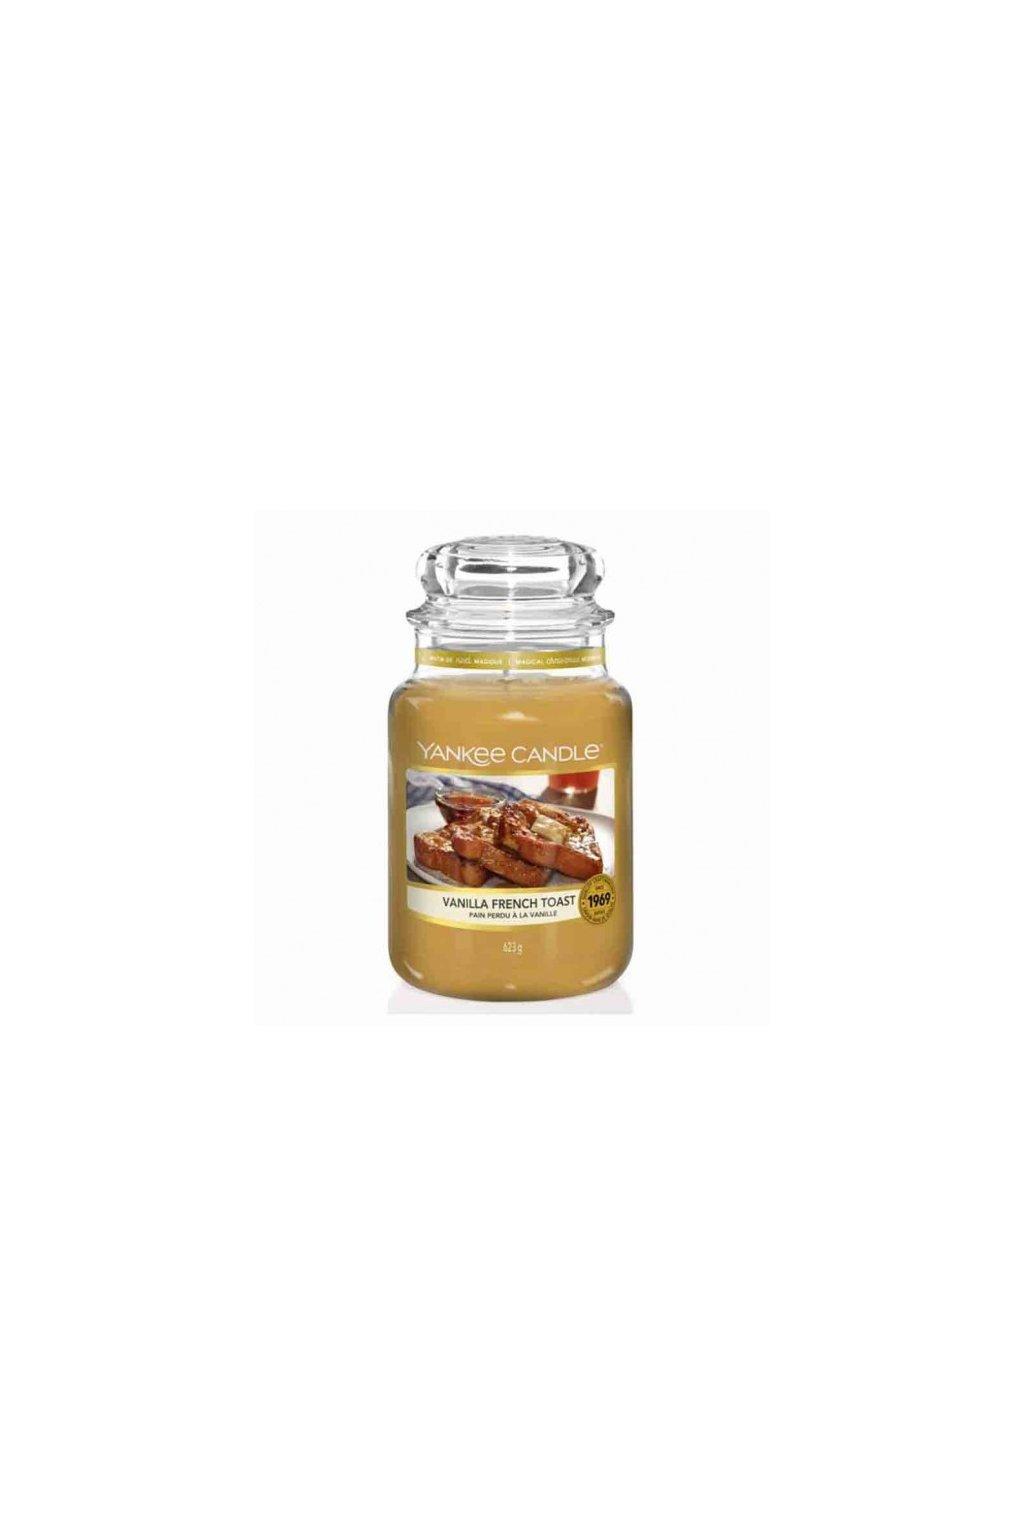 vanilla french toast yankee candle large jar big